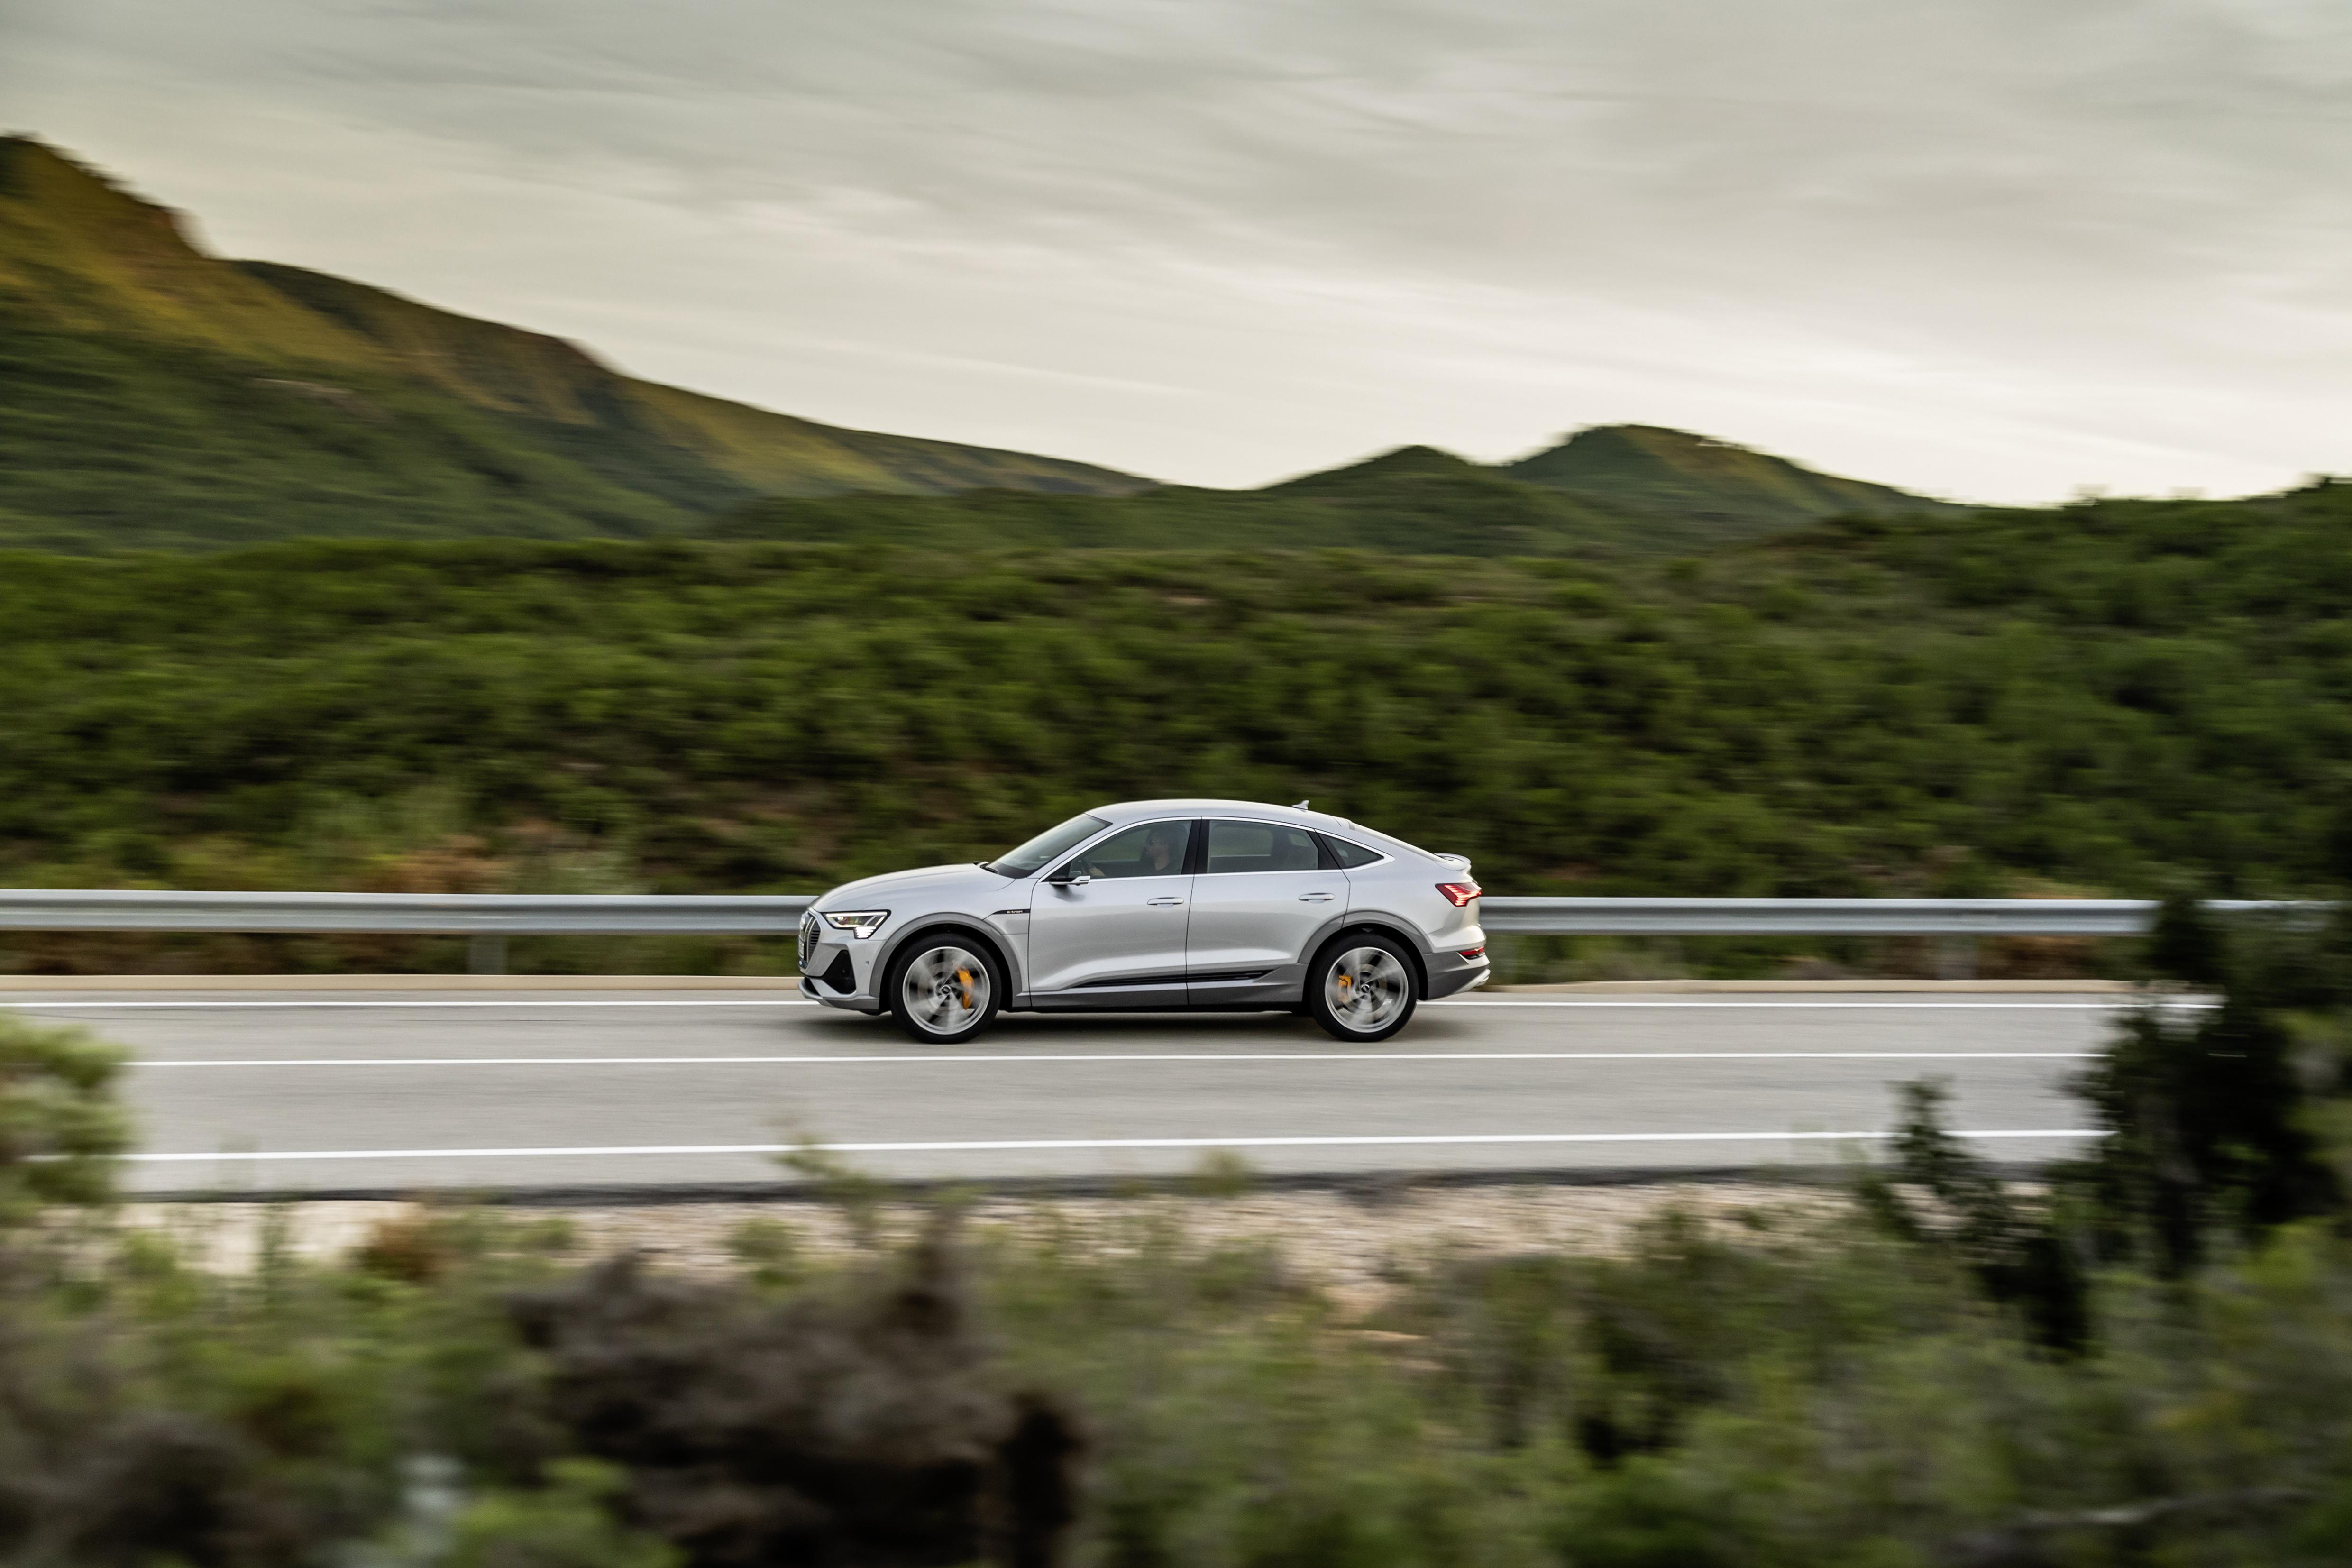 Der Audi e-tron Sportback kann beim Bremsen bis zu 70 Prozent der Antriebsleistung zurückgewinnen. (AUDI)